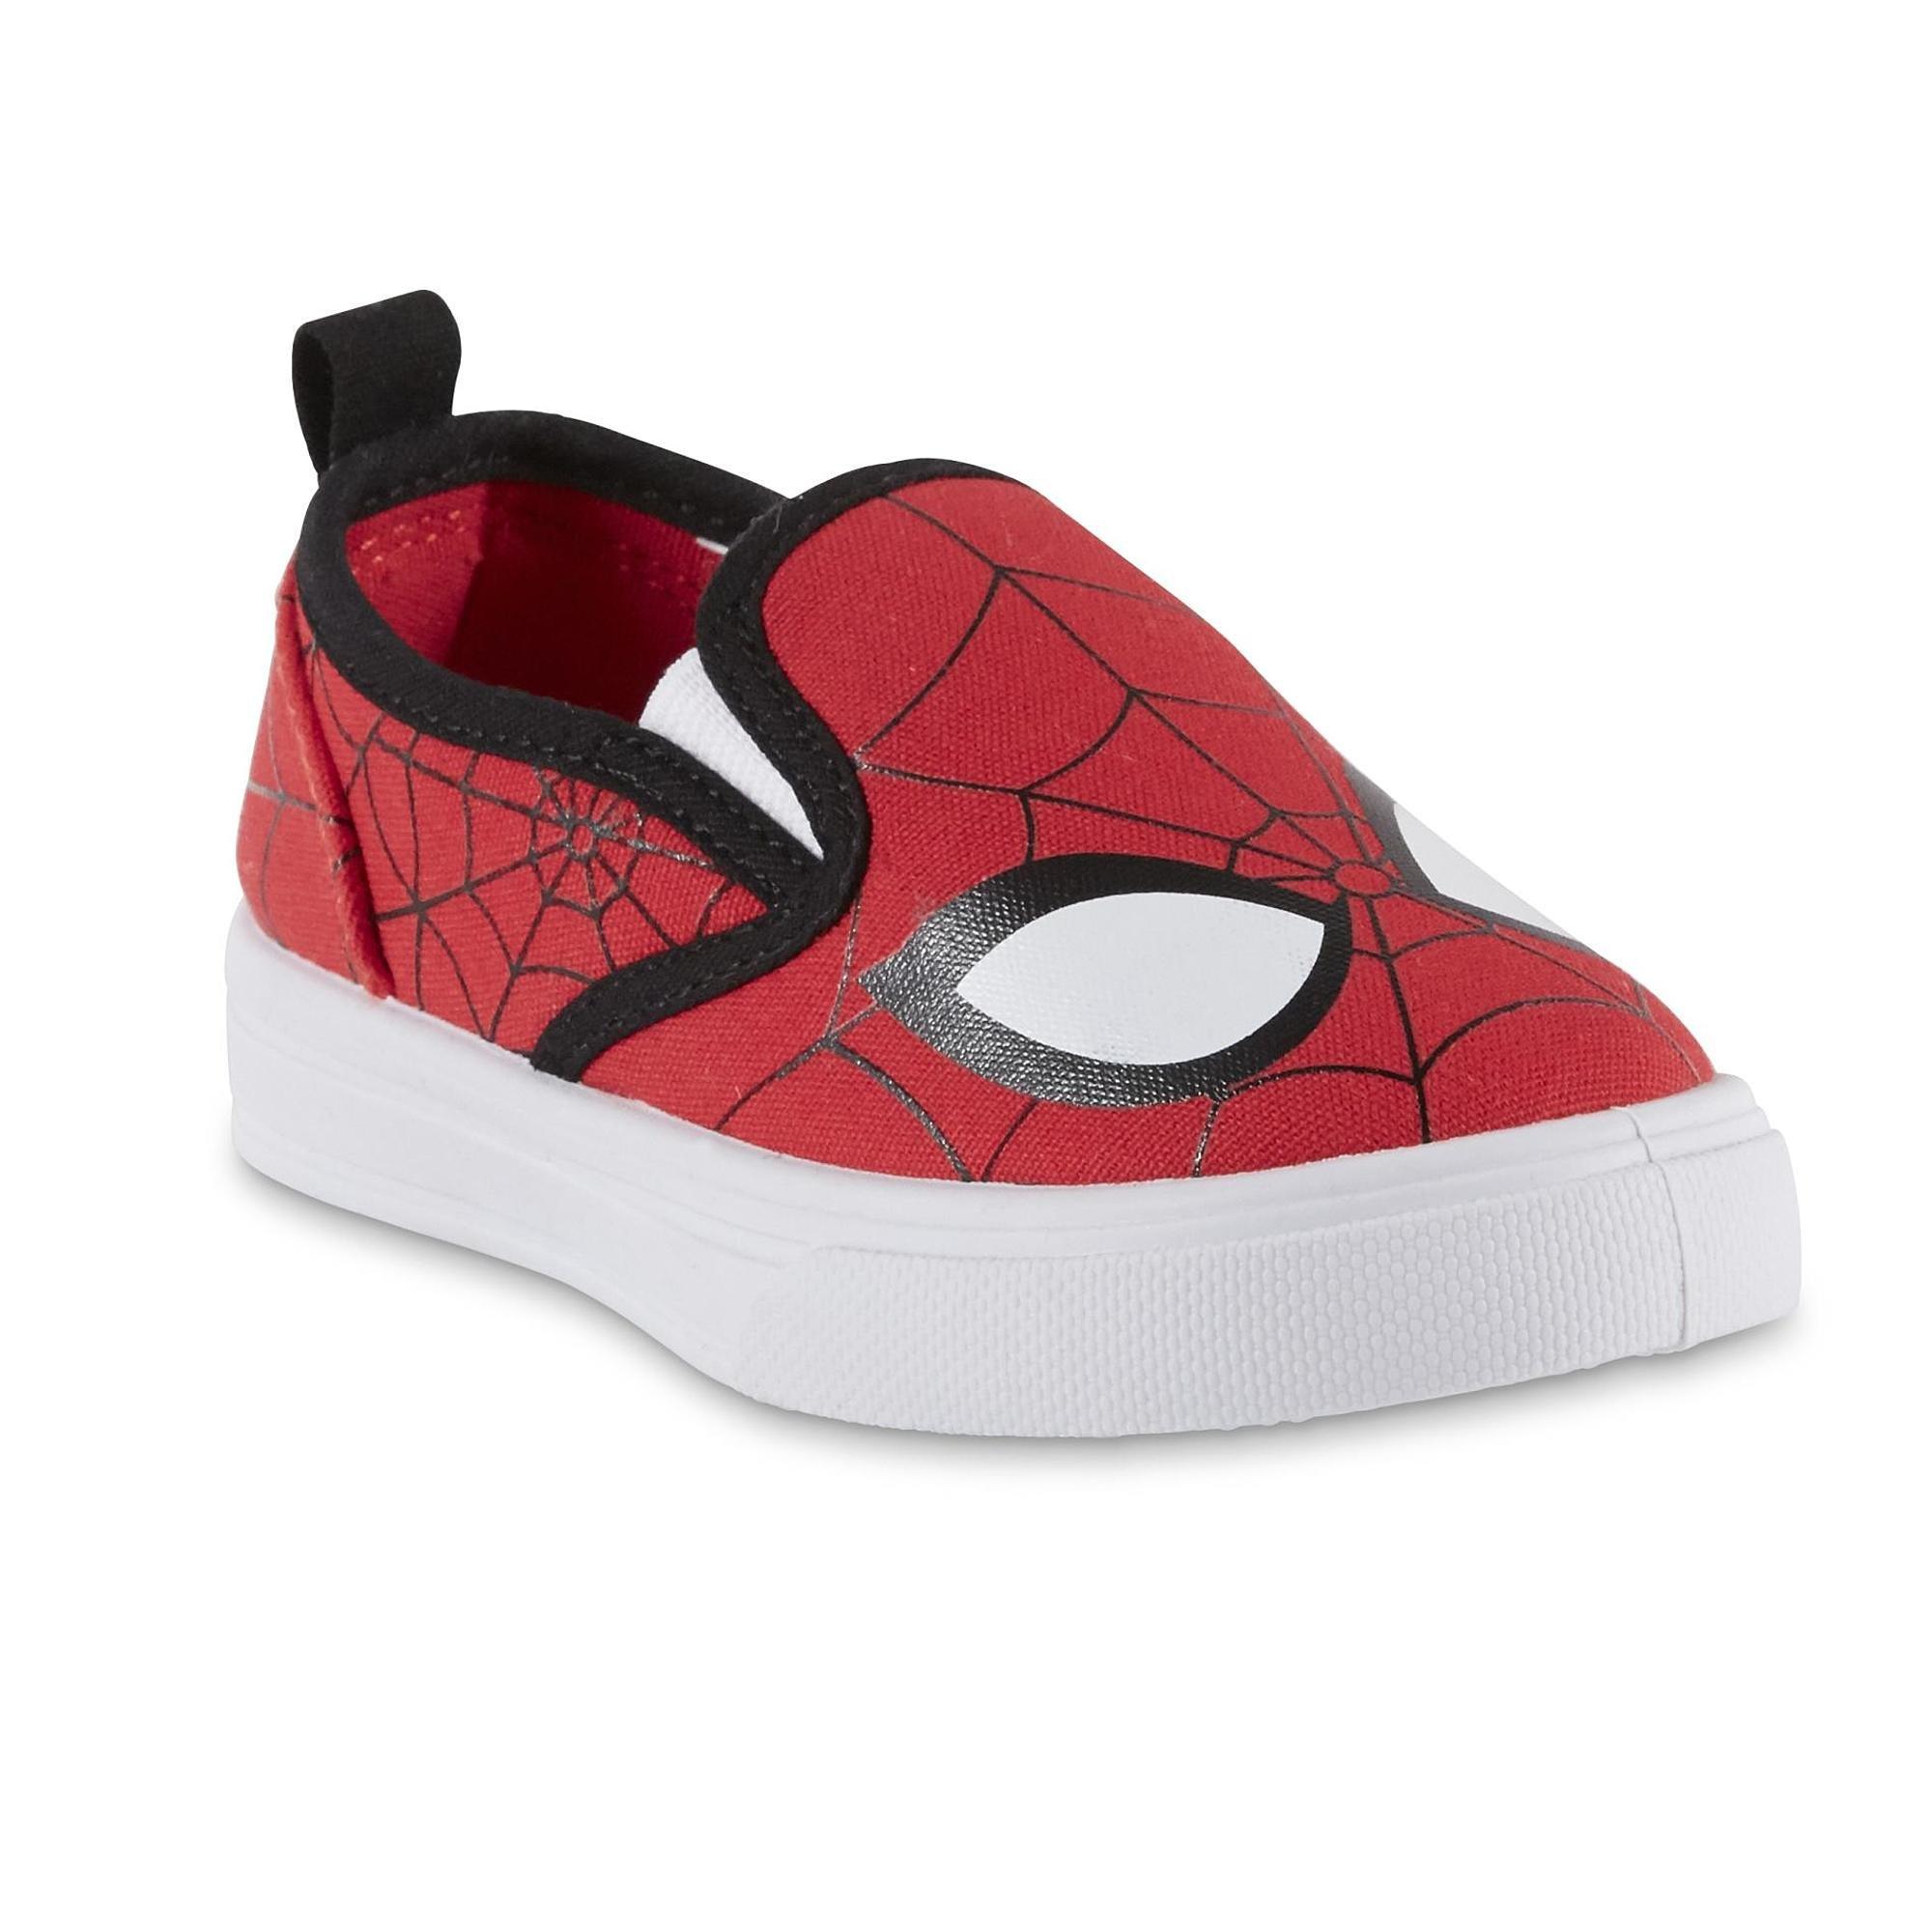 Marvel Toddler Boys' Spider-Man Red/Black Slip-On Sneaker (9 M US Toddler)